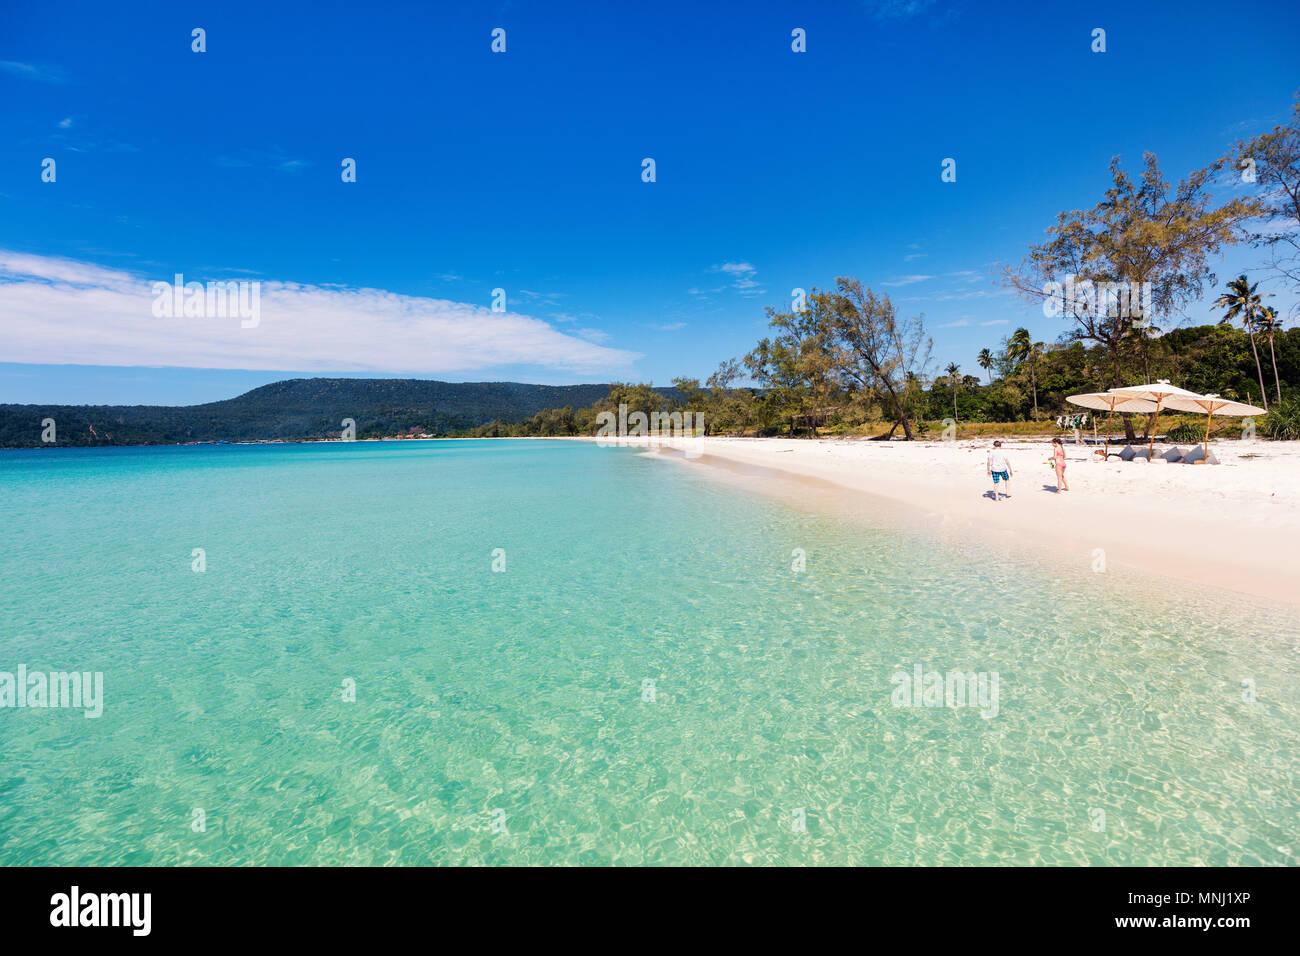 Les enfants s'amuser au Tropical Beach pendant les vacances d'été jouer ensemble à l'eau peu profonde Banque D'Images